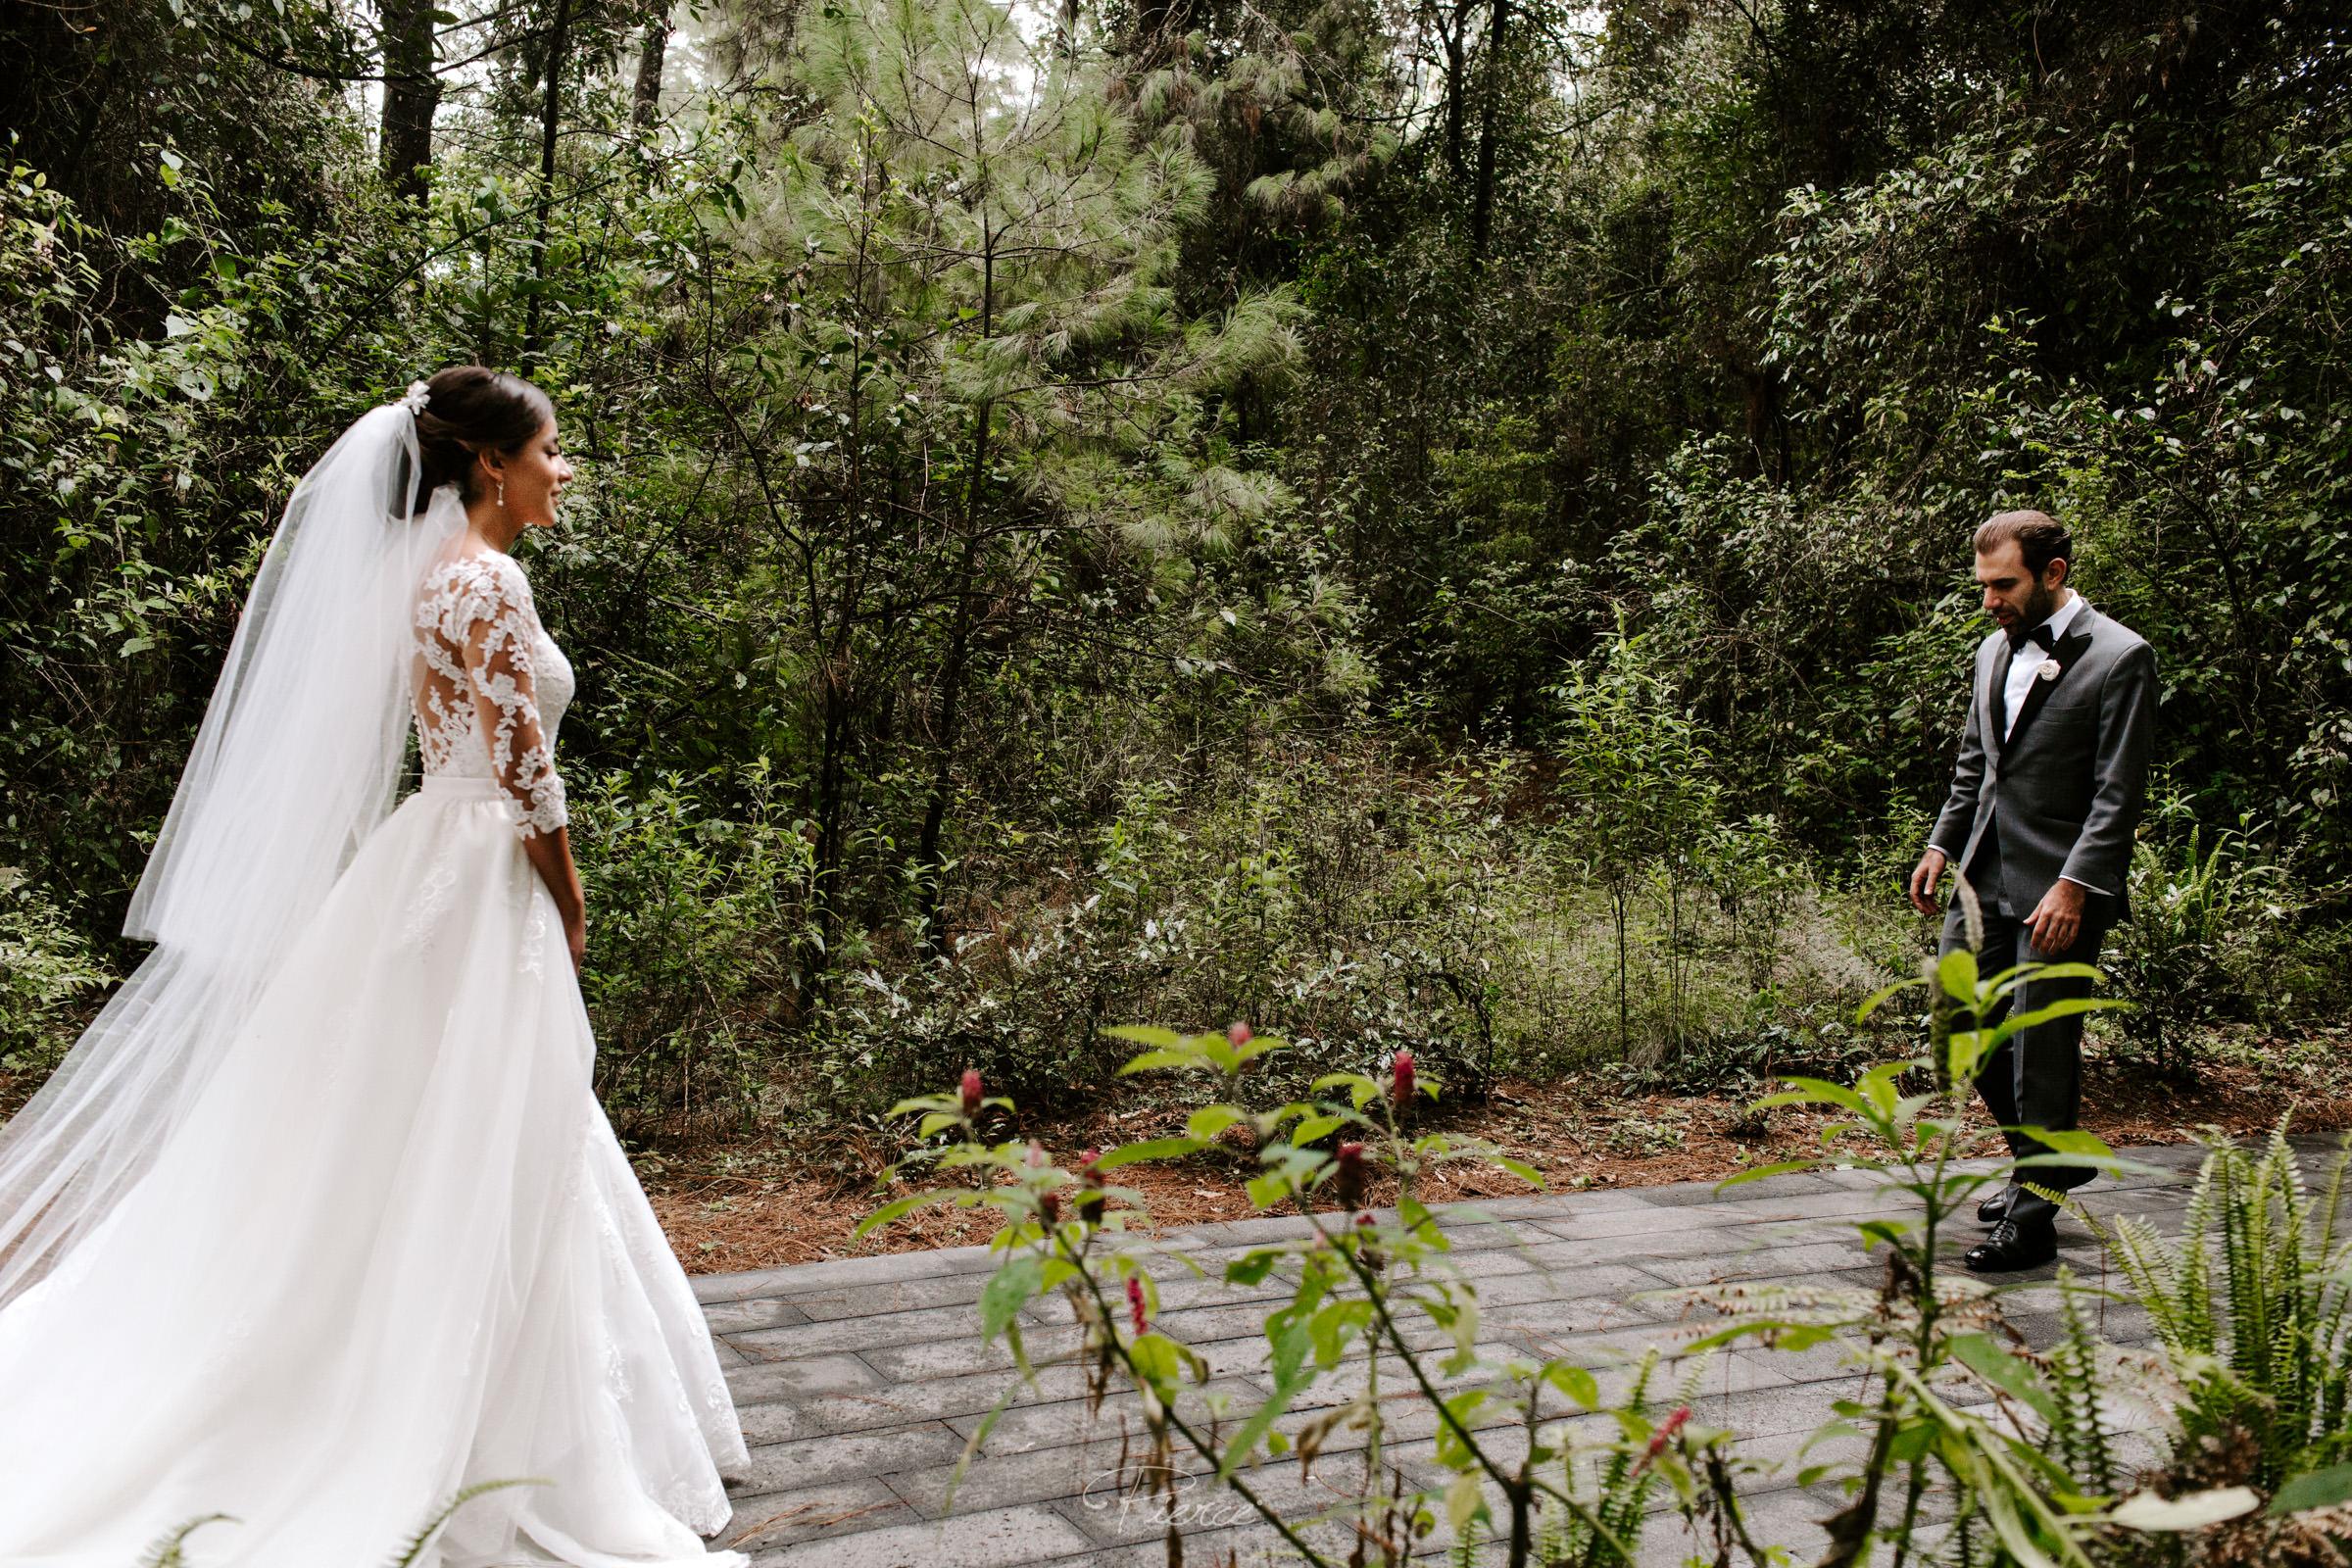 fotografia-de-boda-valle-de-bravo-mexico-rosmarino-pierce-weddings-0027.JPG